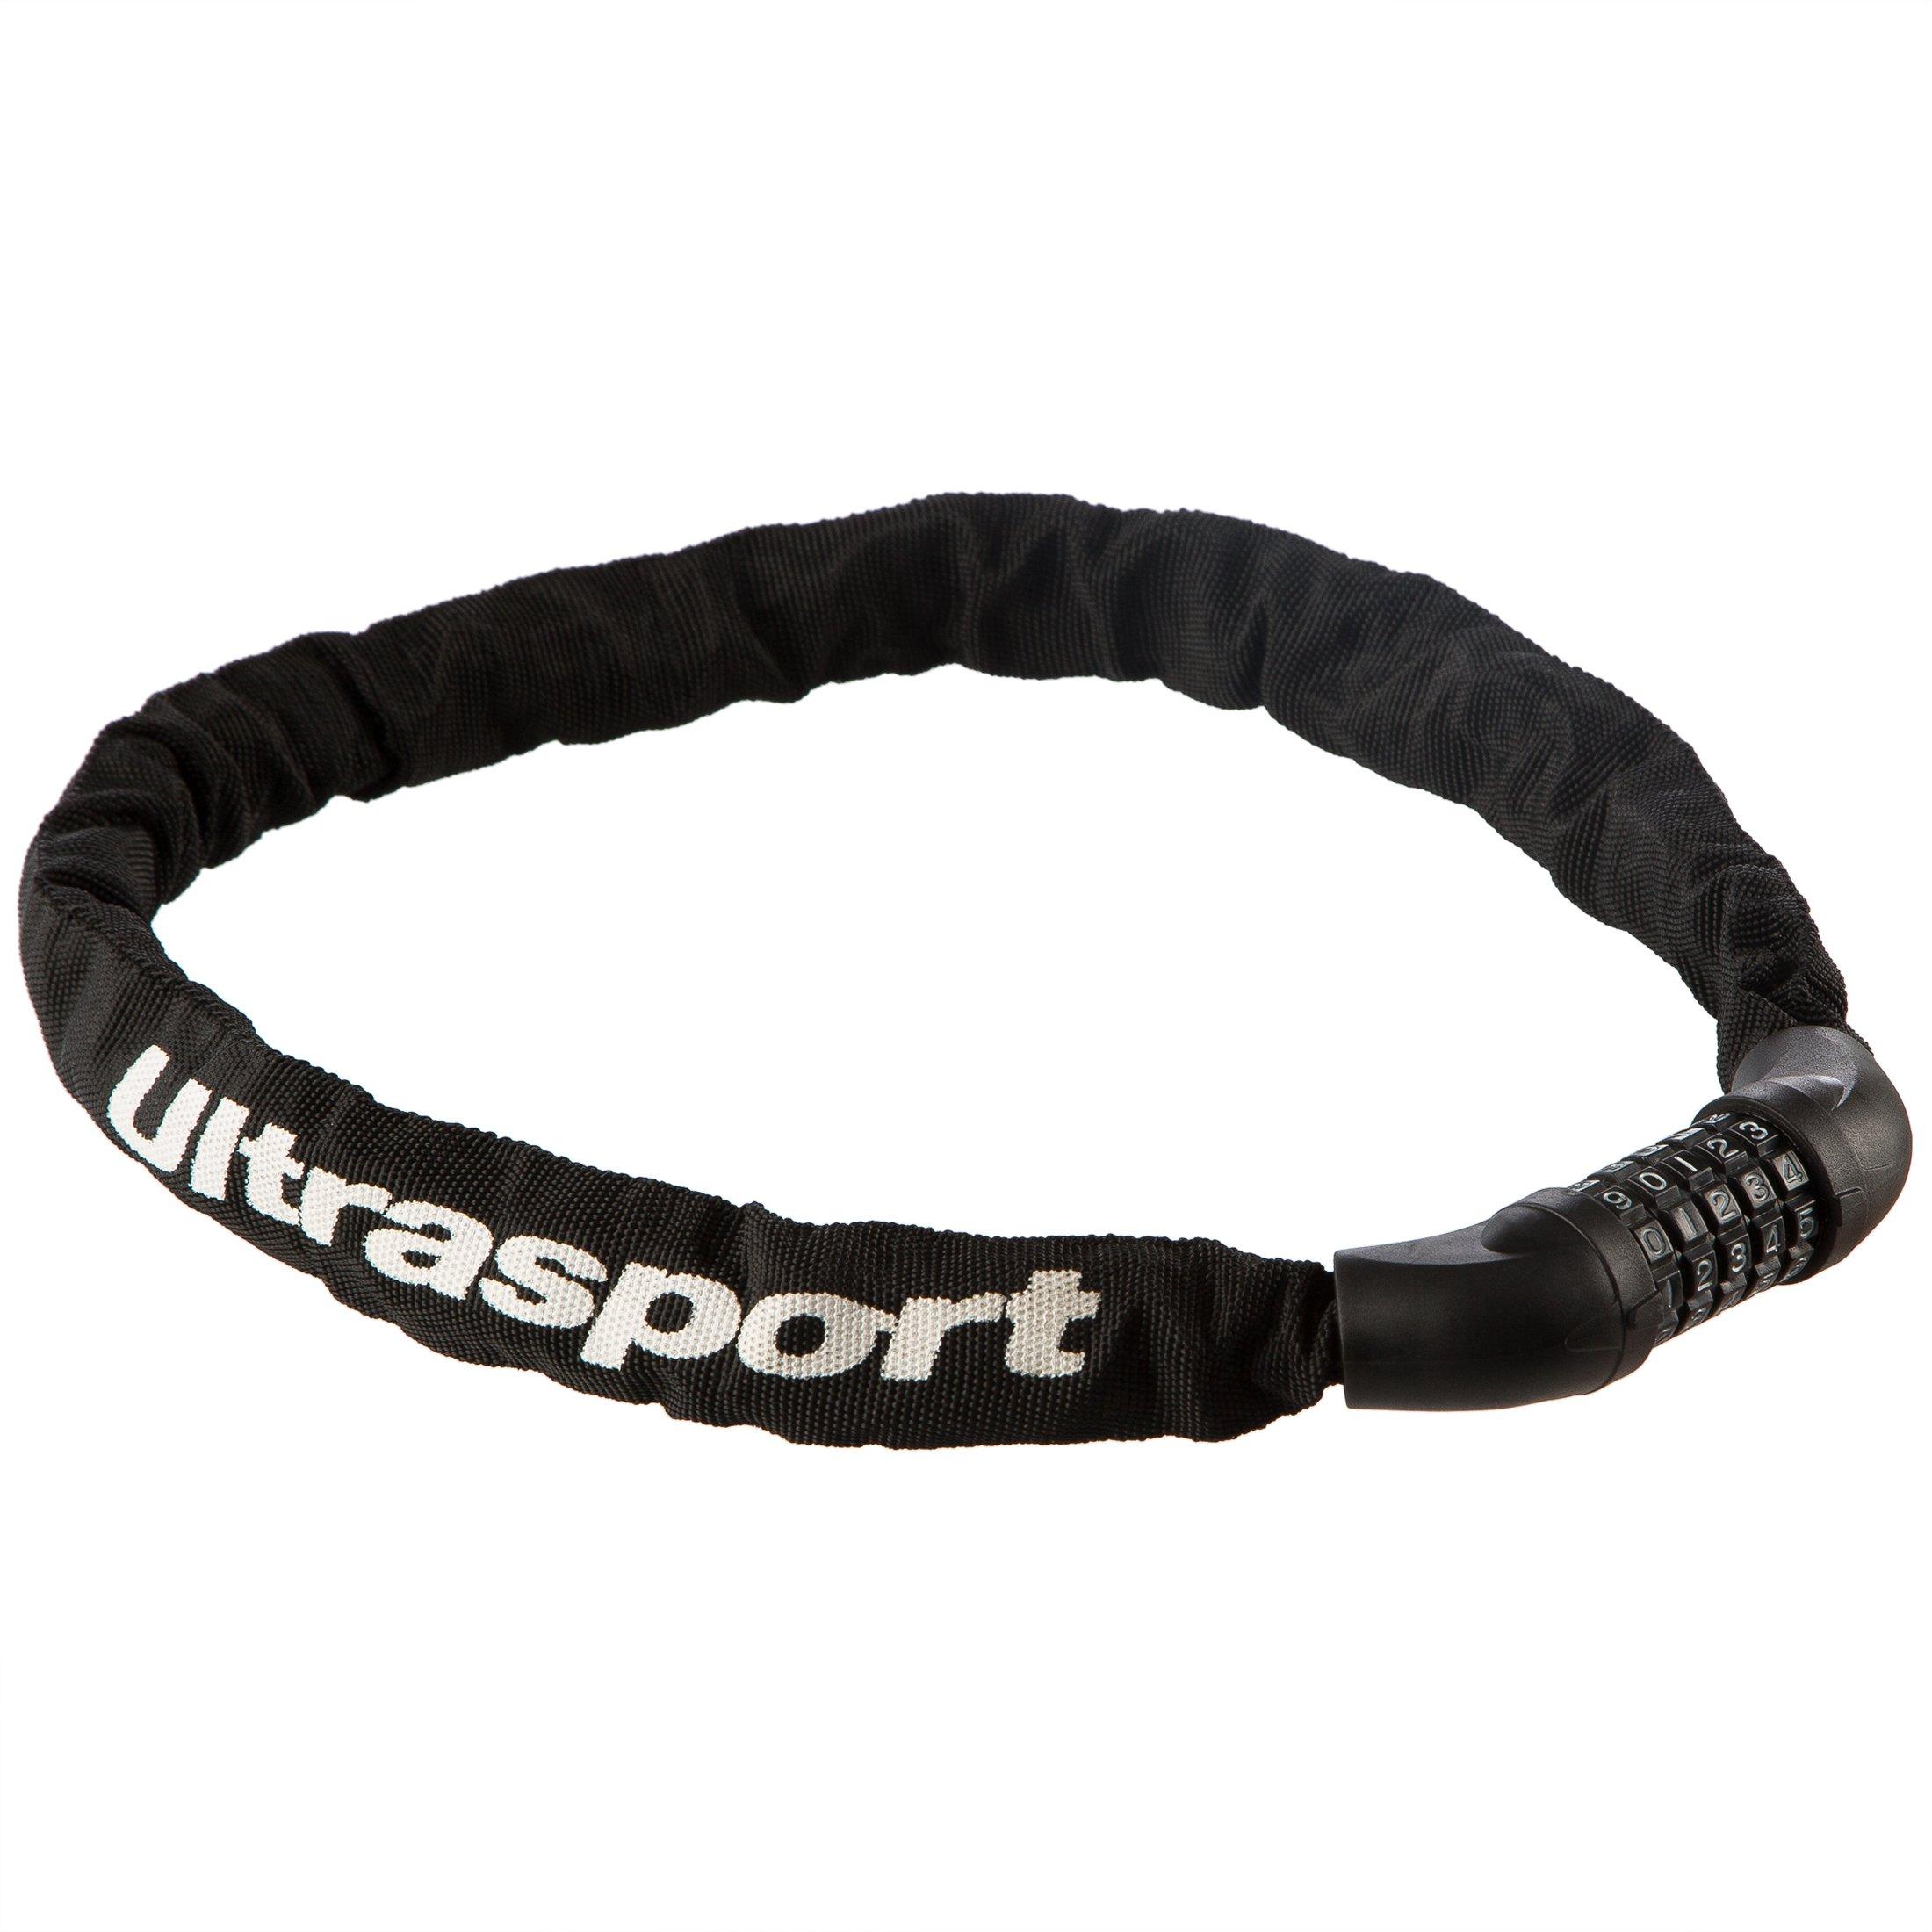 Ultrasport Cadenas à chiffres et chaîne antivol pour vélo, 90cm product image